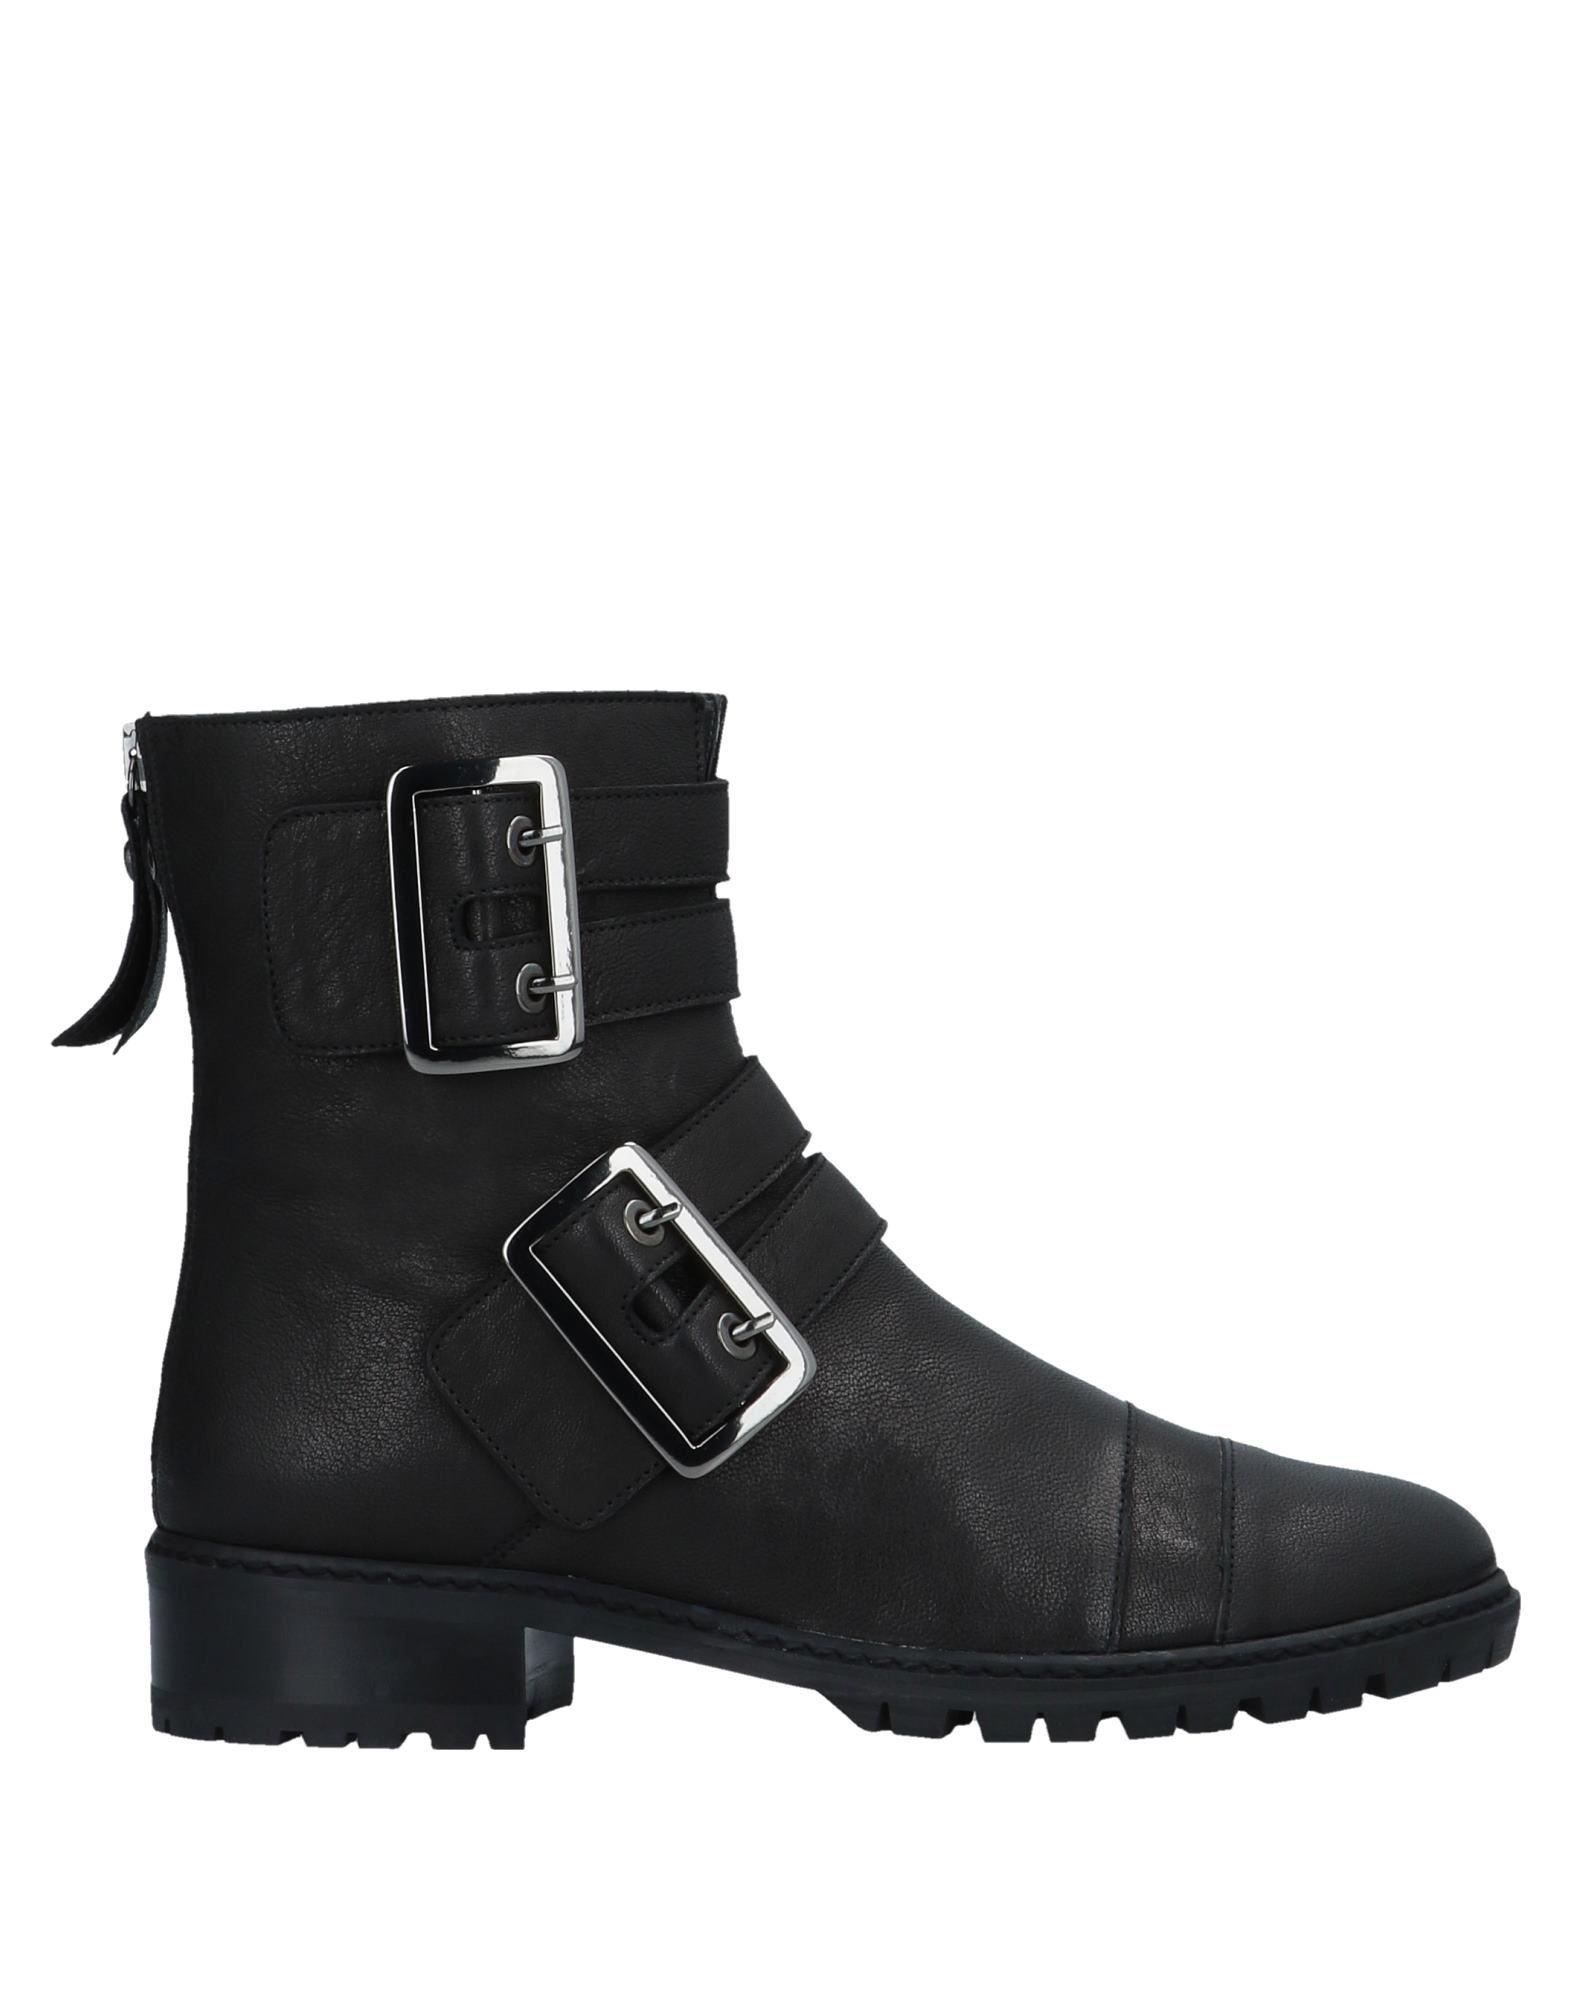 Stuart Weitzman Stiefelette Damen  11536585ABGünstige gut aussehende Schuhe